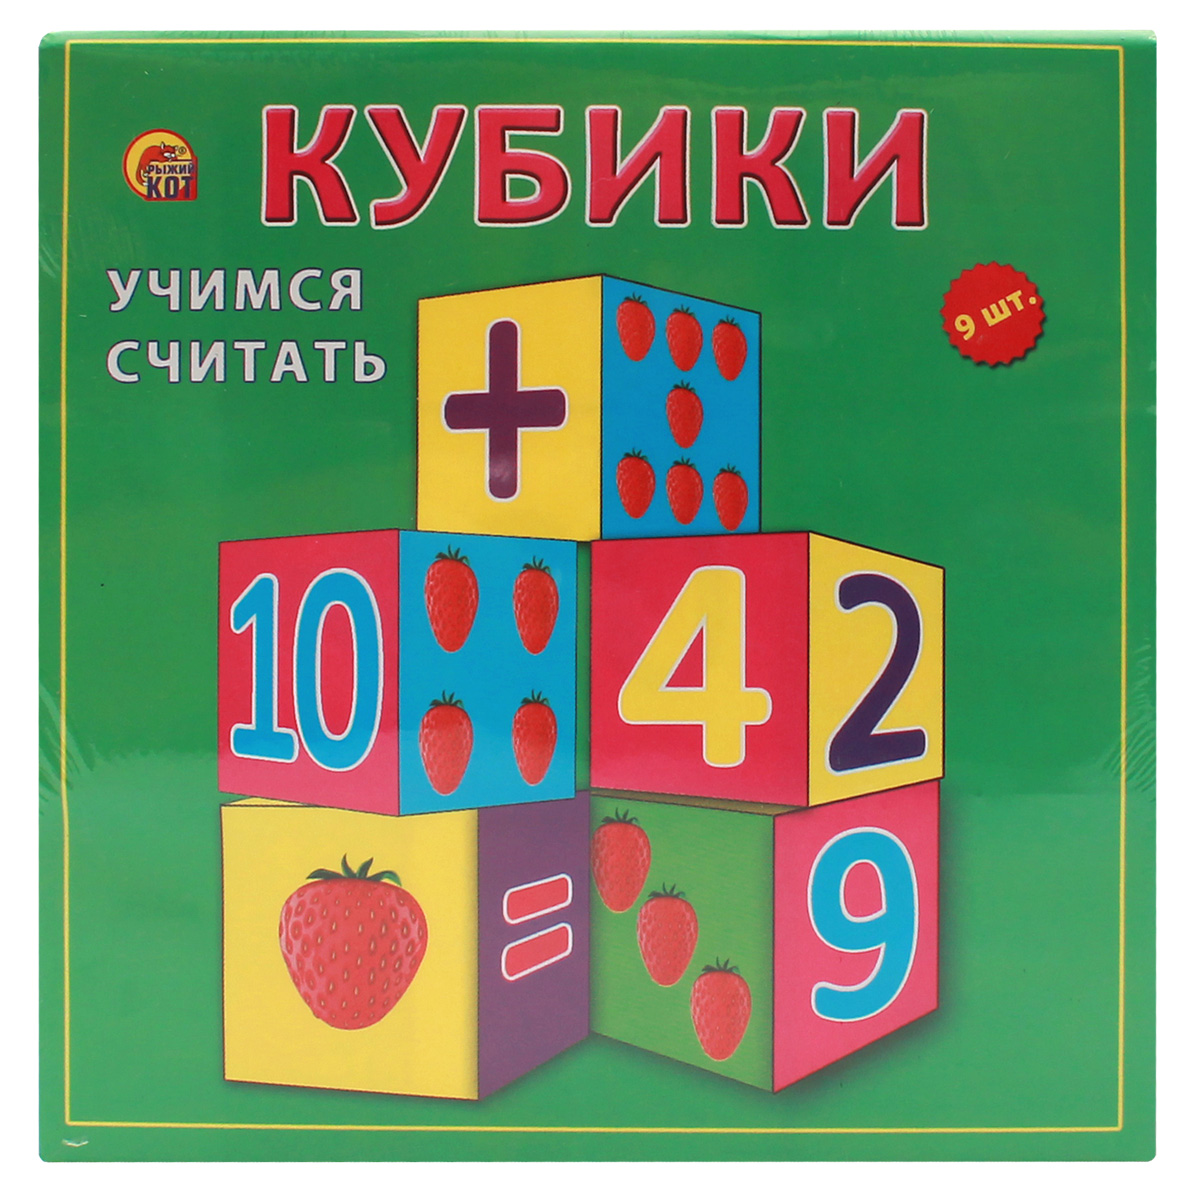 Рыжий Кот Кубики Учимся считать 9 шт учимся писать читать считать и строить предложения